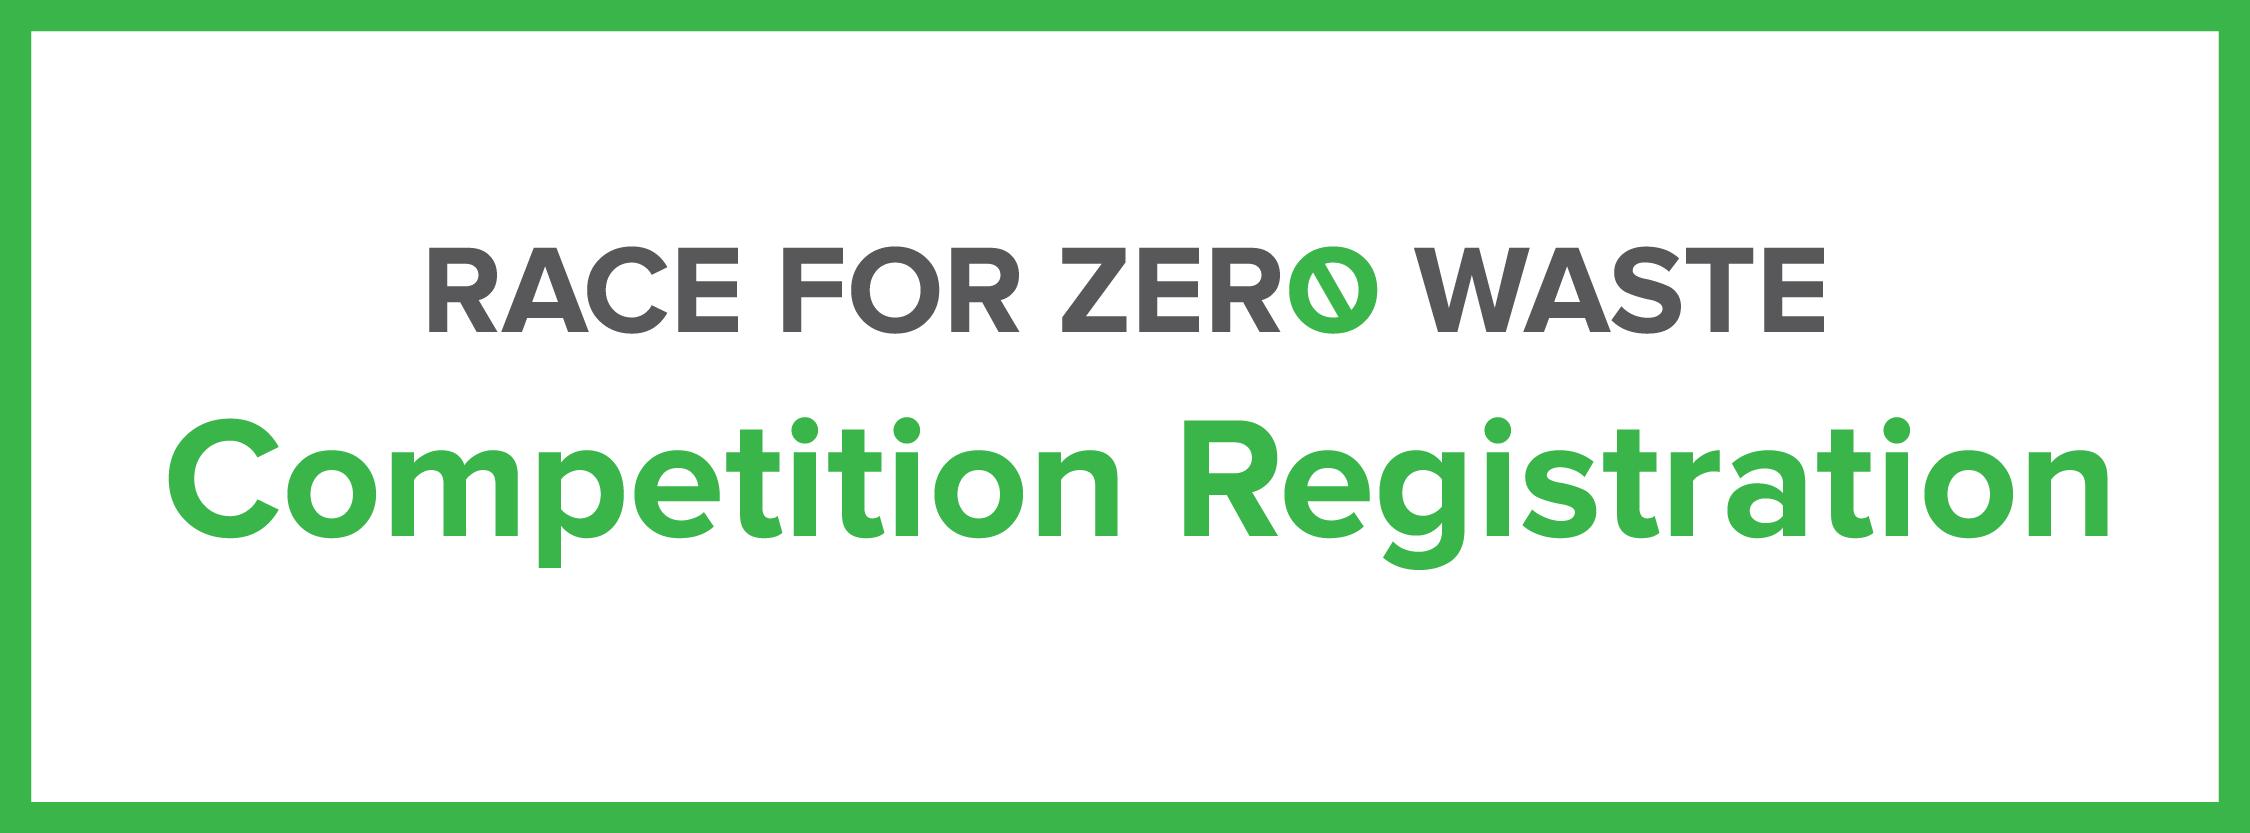 Competition Registration Header.png